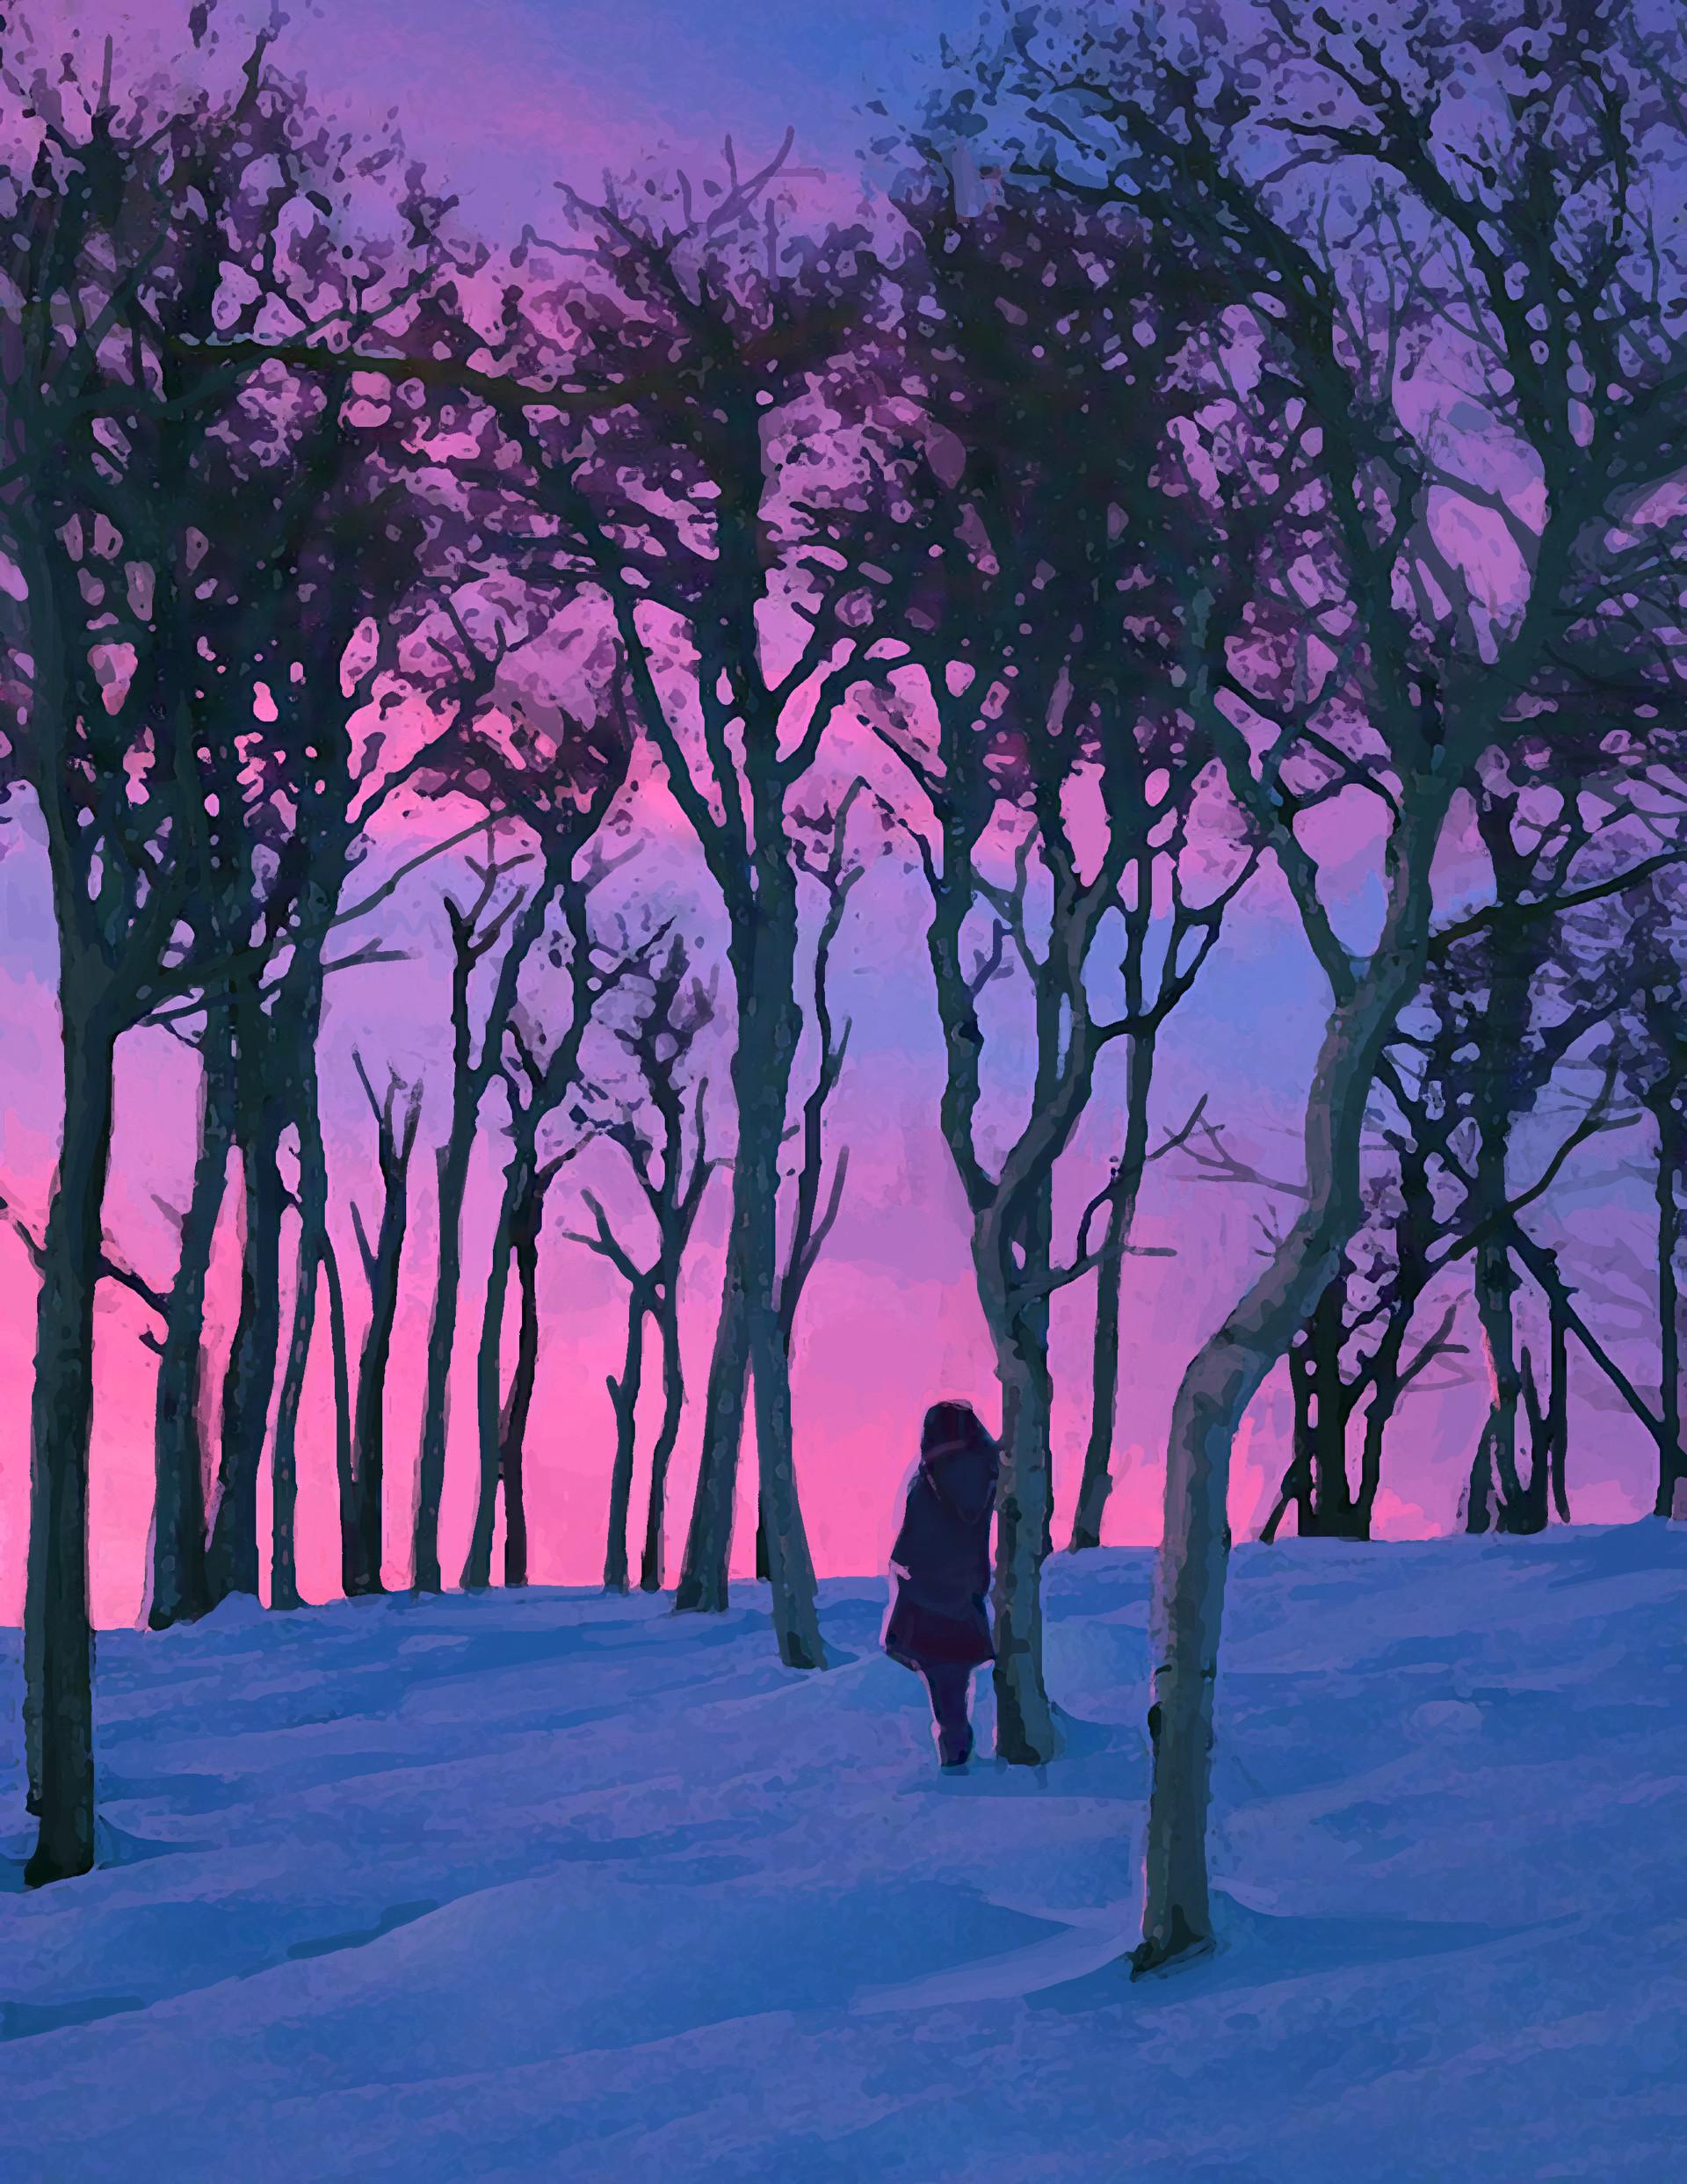 Kayla joncas snowsky pink